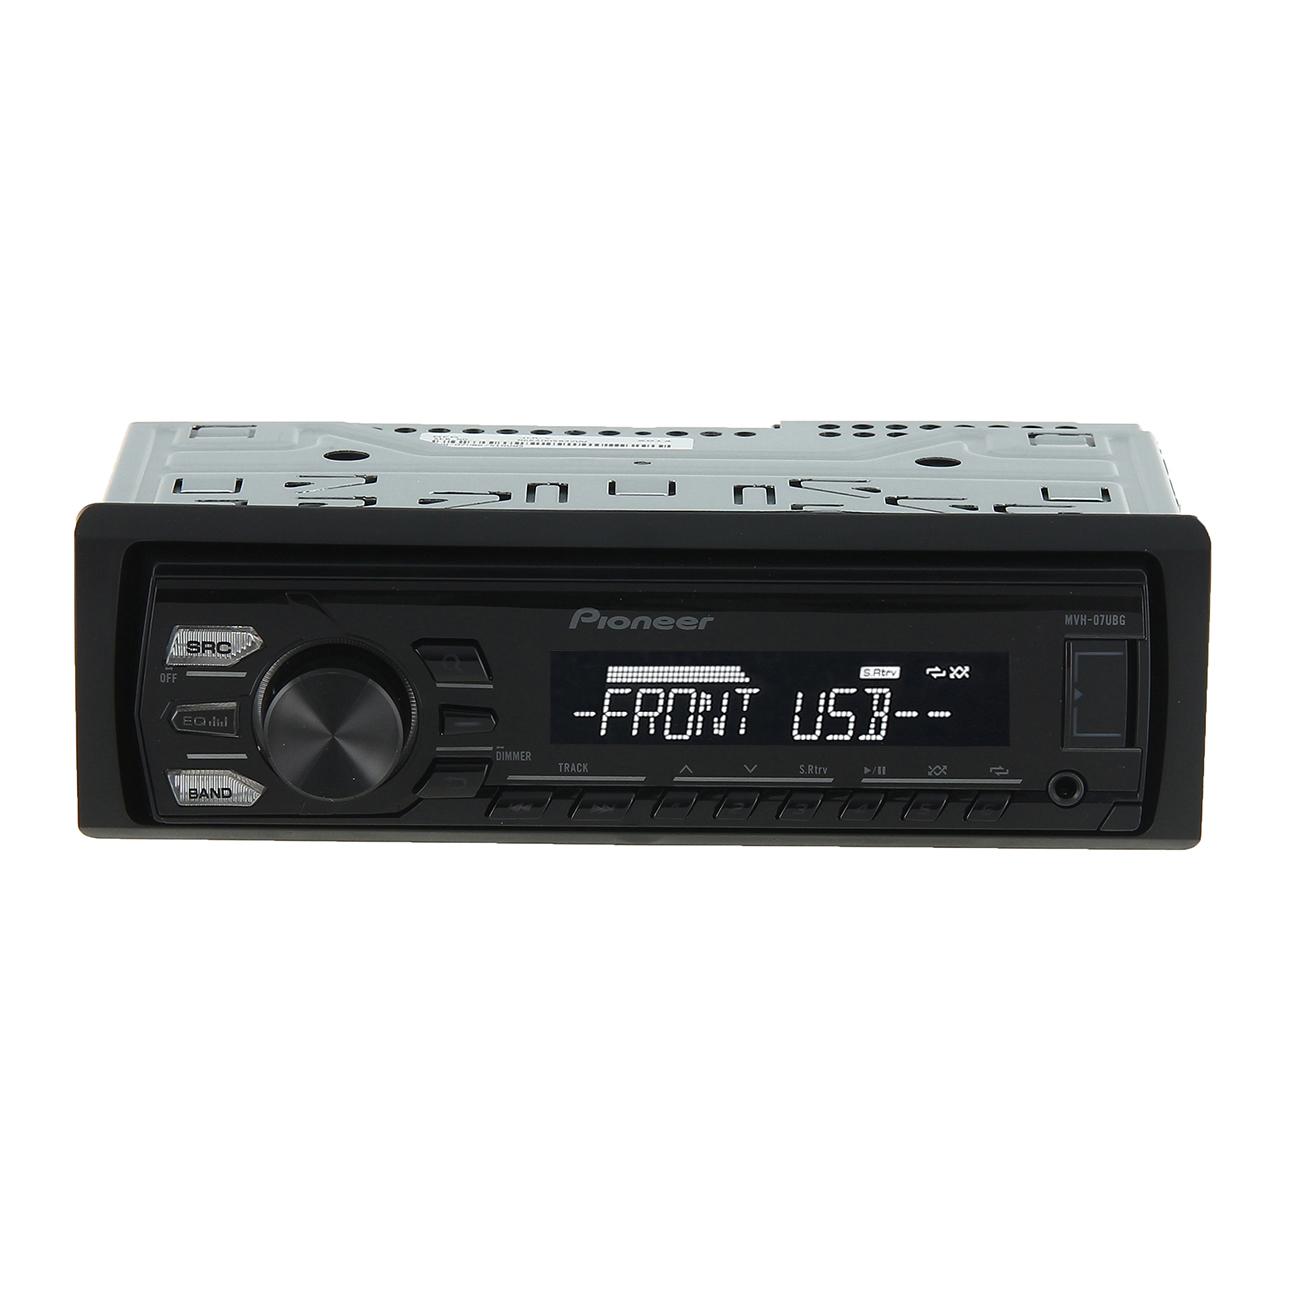 Купить USB-Автомагнитола Pioneer MVH-07UBG недорого